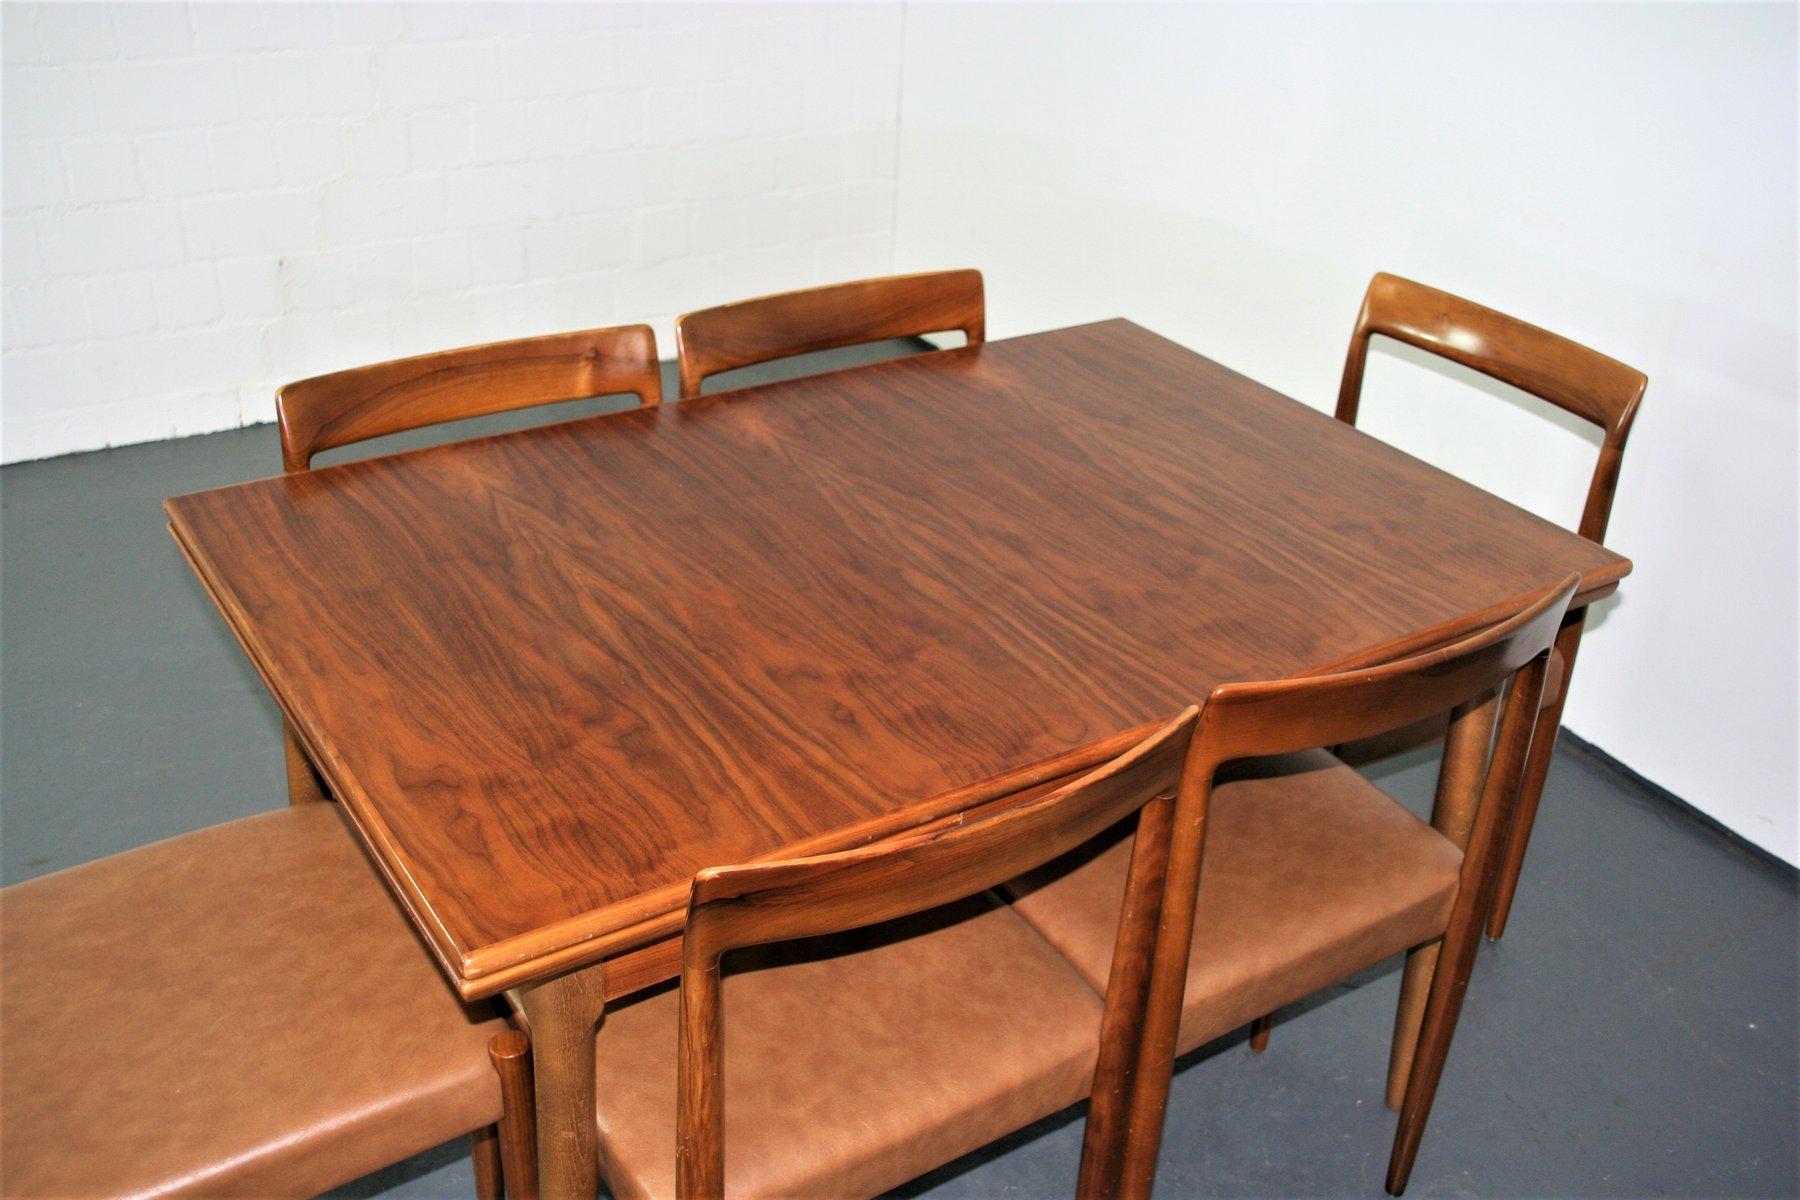 Chaises de salon et table de salle manger extensible de - Table de salon extensible ...